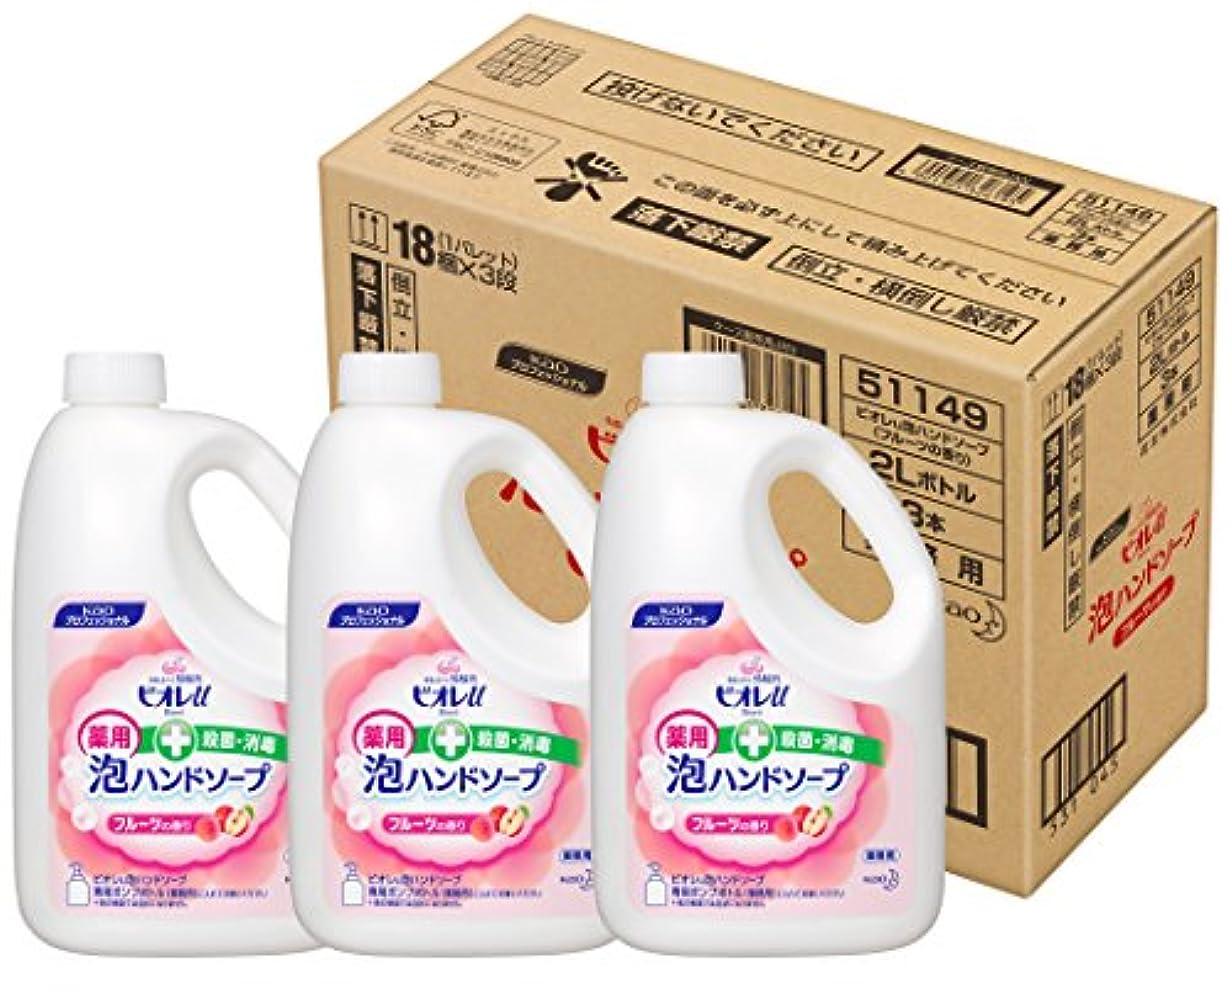 冷笑するかわいらしい枯渇する【ケース販売 業務用 泡ハンドソープ】ビオレu 泡ハンドソープ フルーツの香り 2L×3(プロフェッショナルシリーズ)